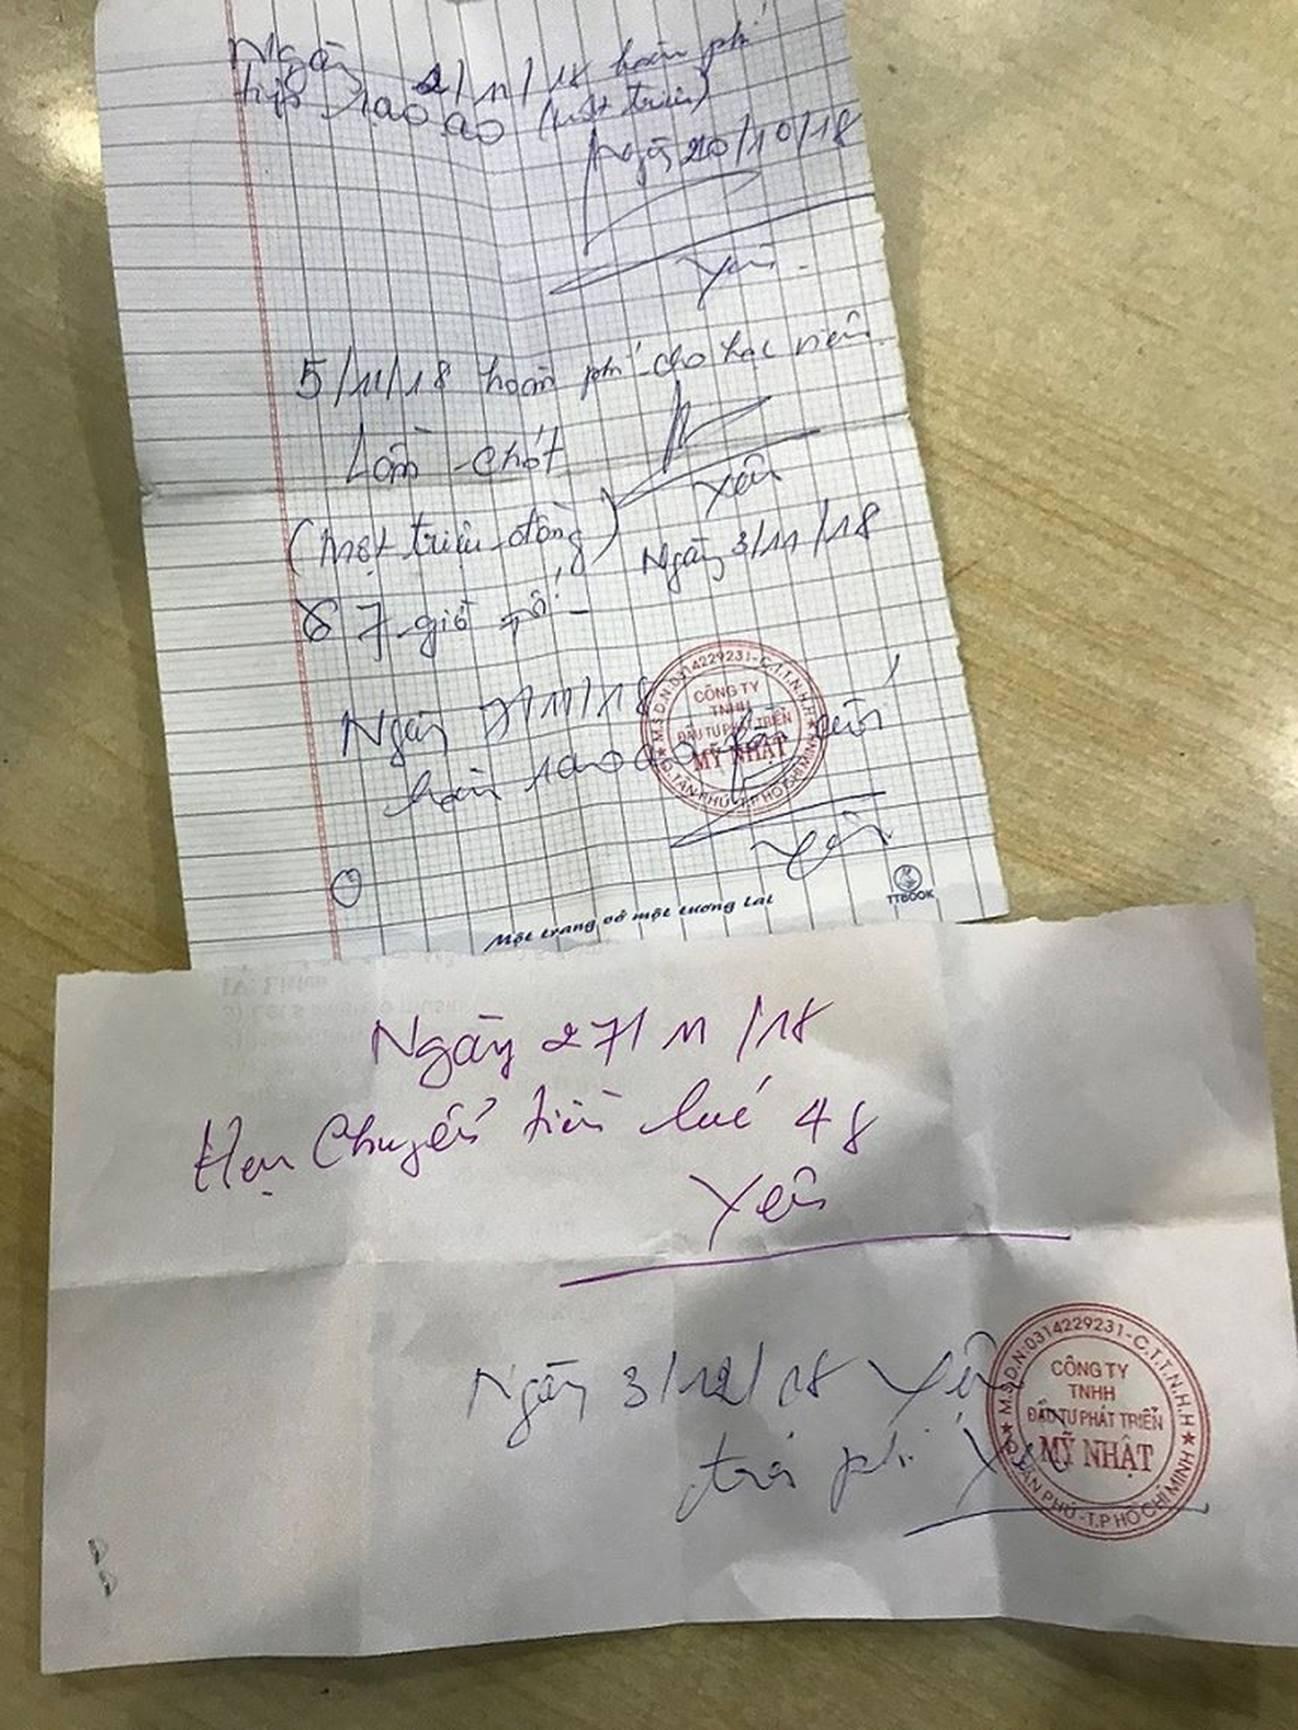 """Trung tâm ngoại ngữ ở Sài Gòn bị tố lừa đảo""""-3"""